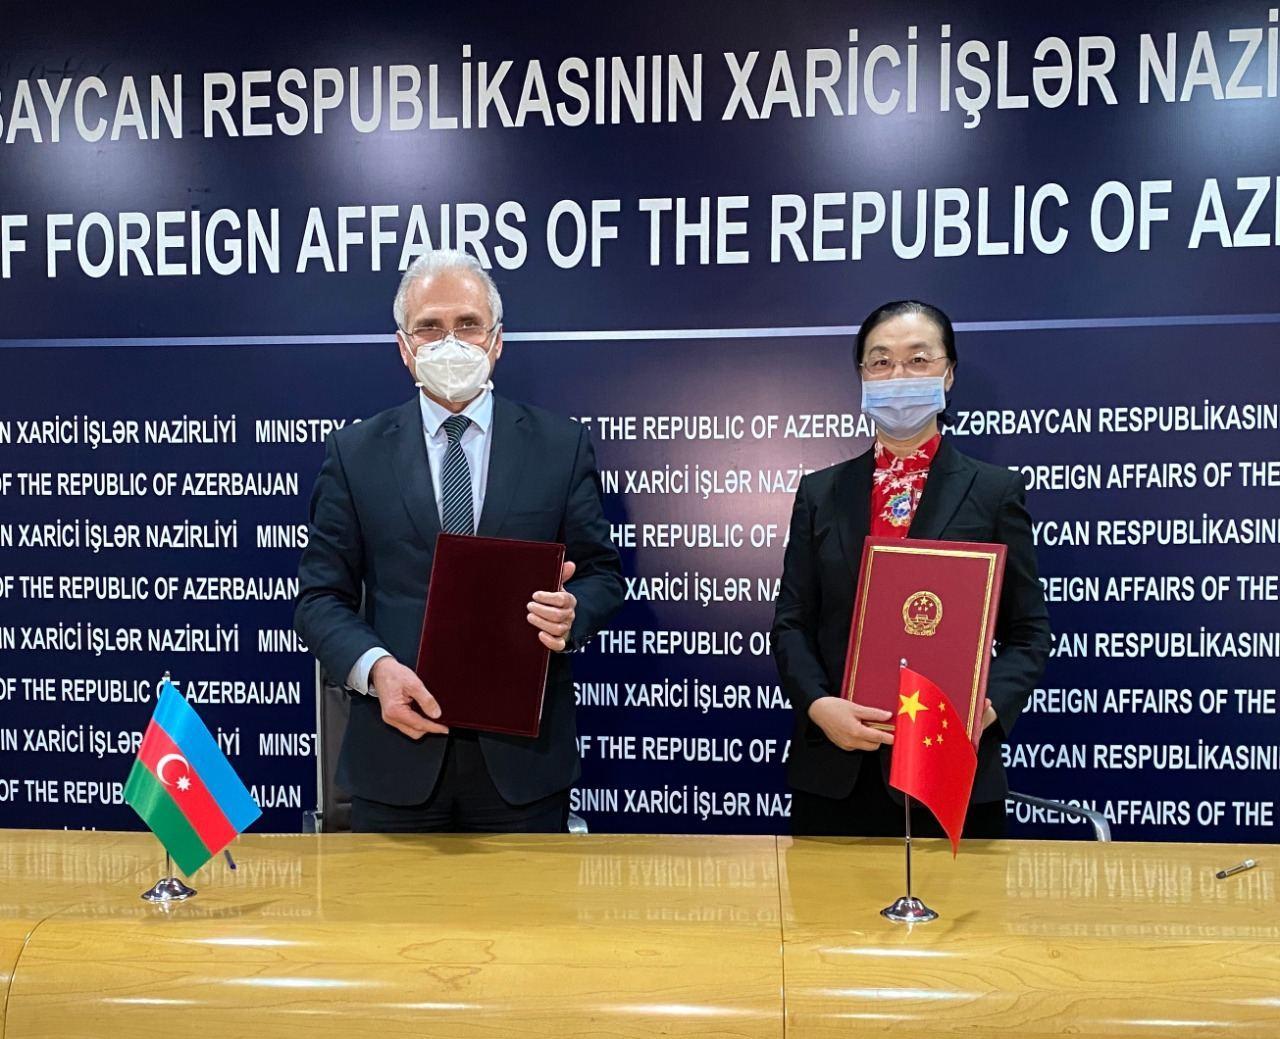 Китай передал Азербайджану еще две партии медицинских средств